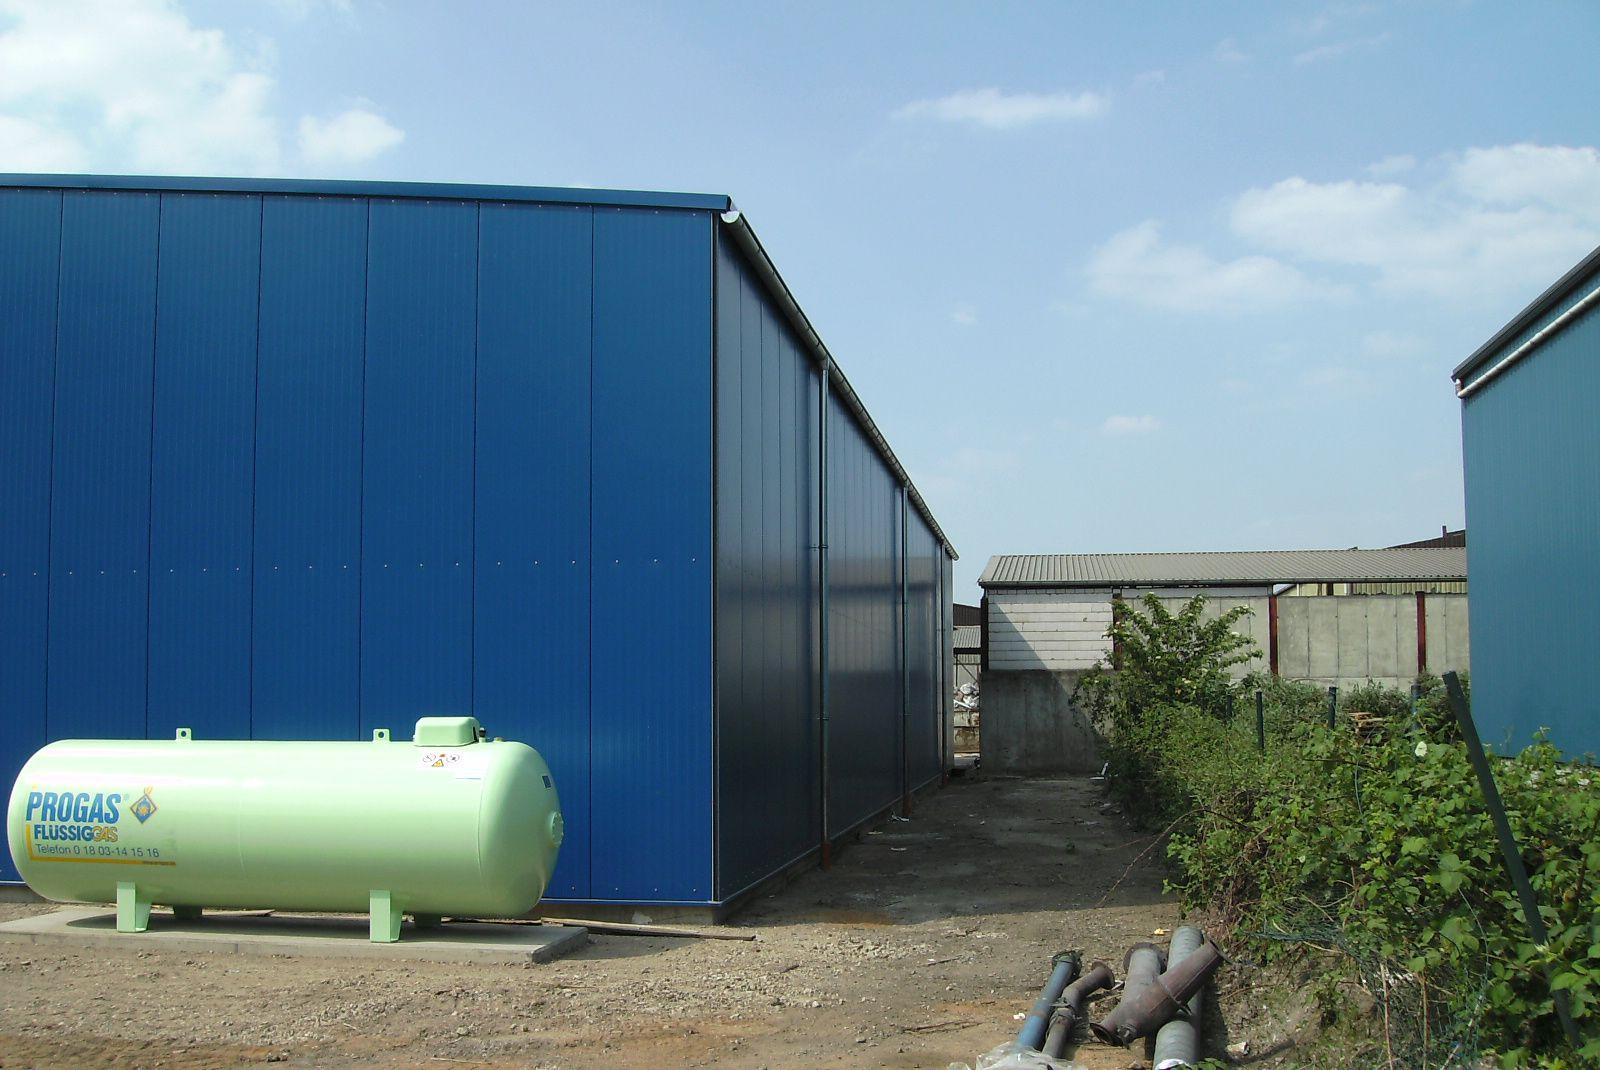 Dach- und Wandverkleidung mit Stahlpaneelen